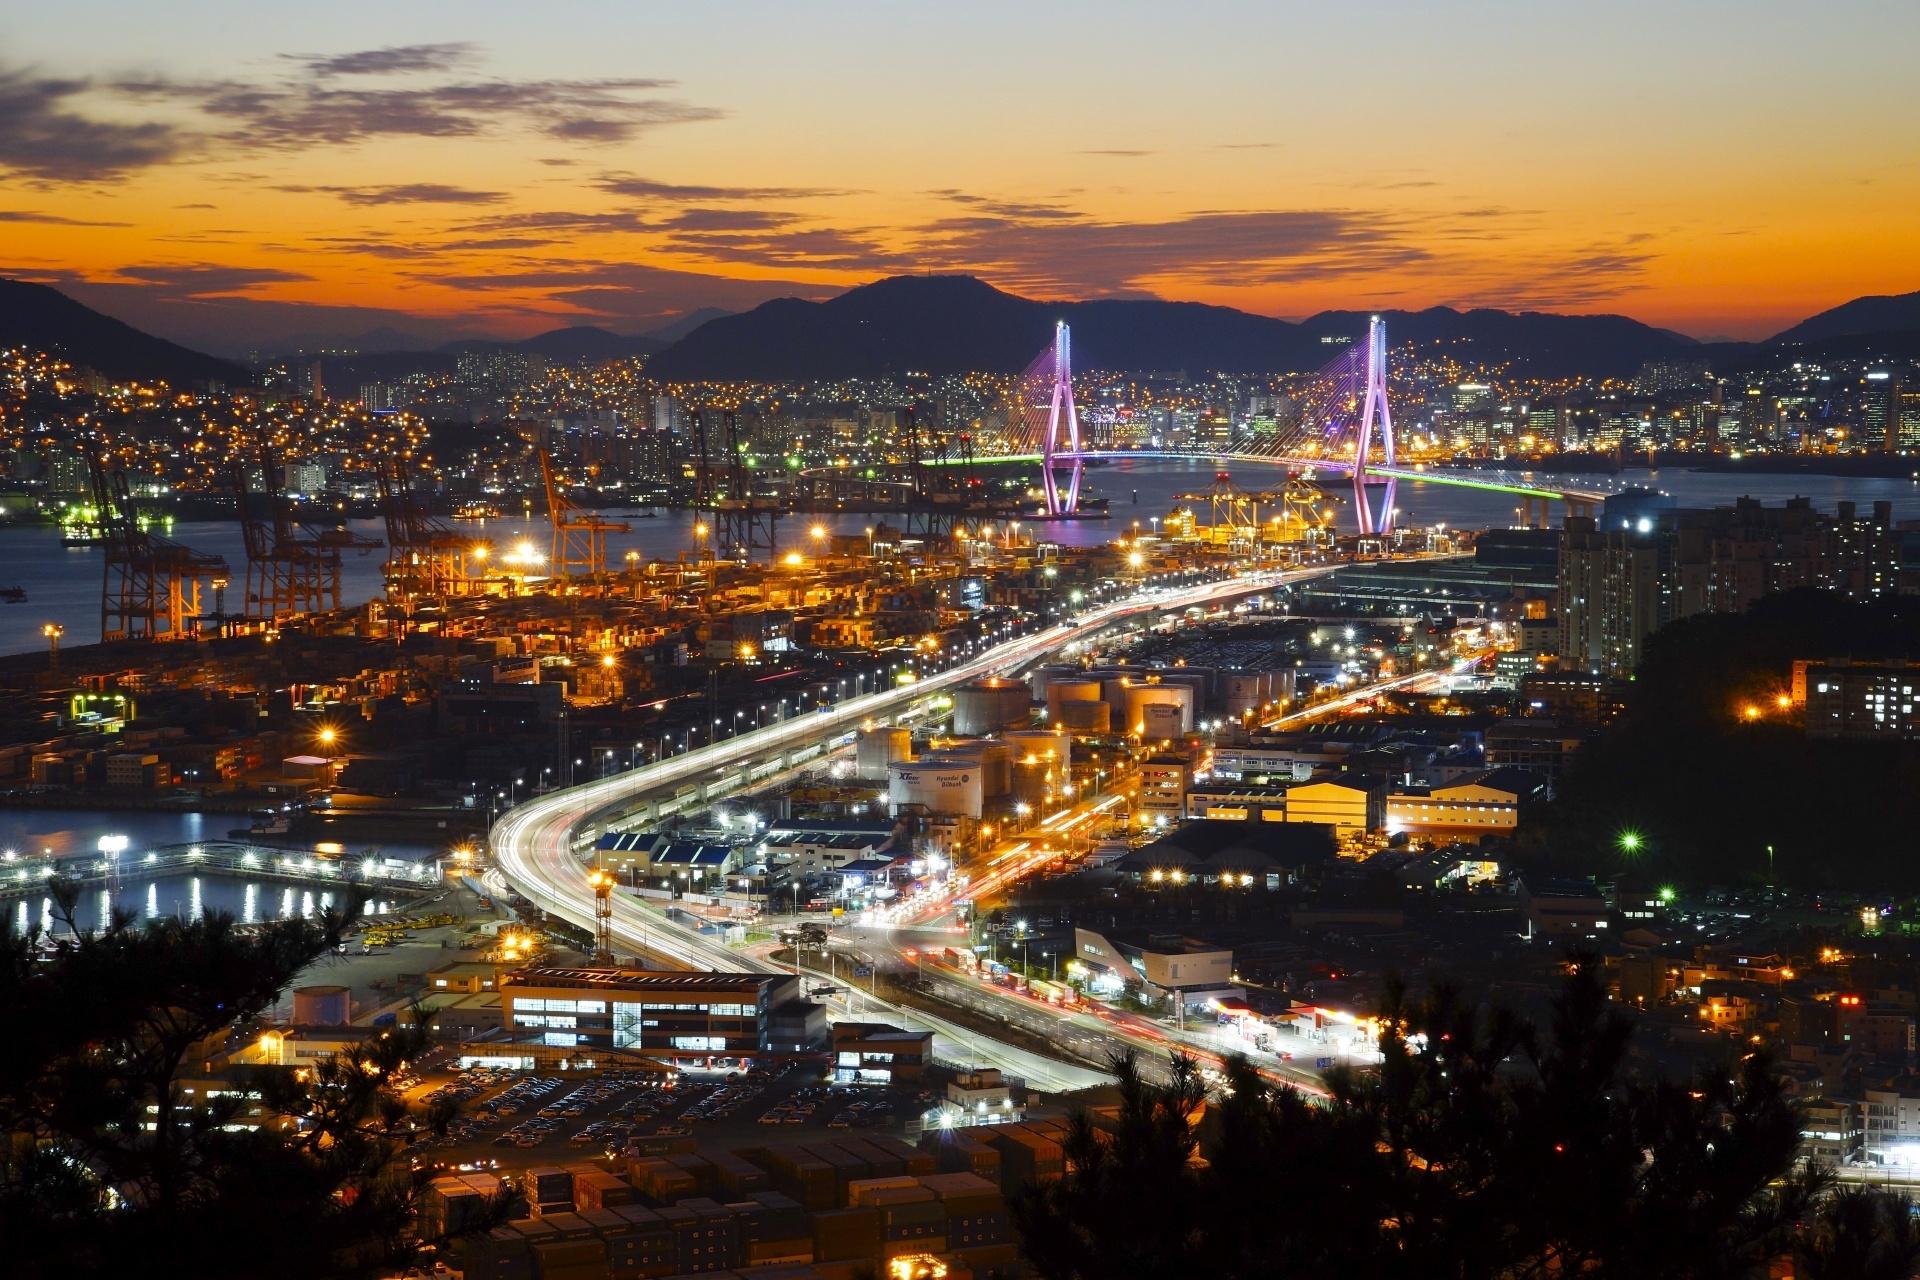 夕暮れの釜山の風景 韓国の風景